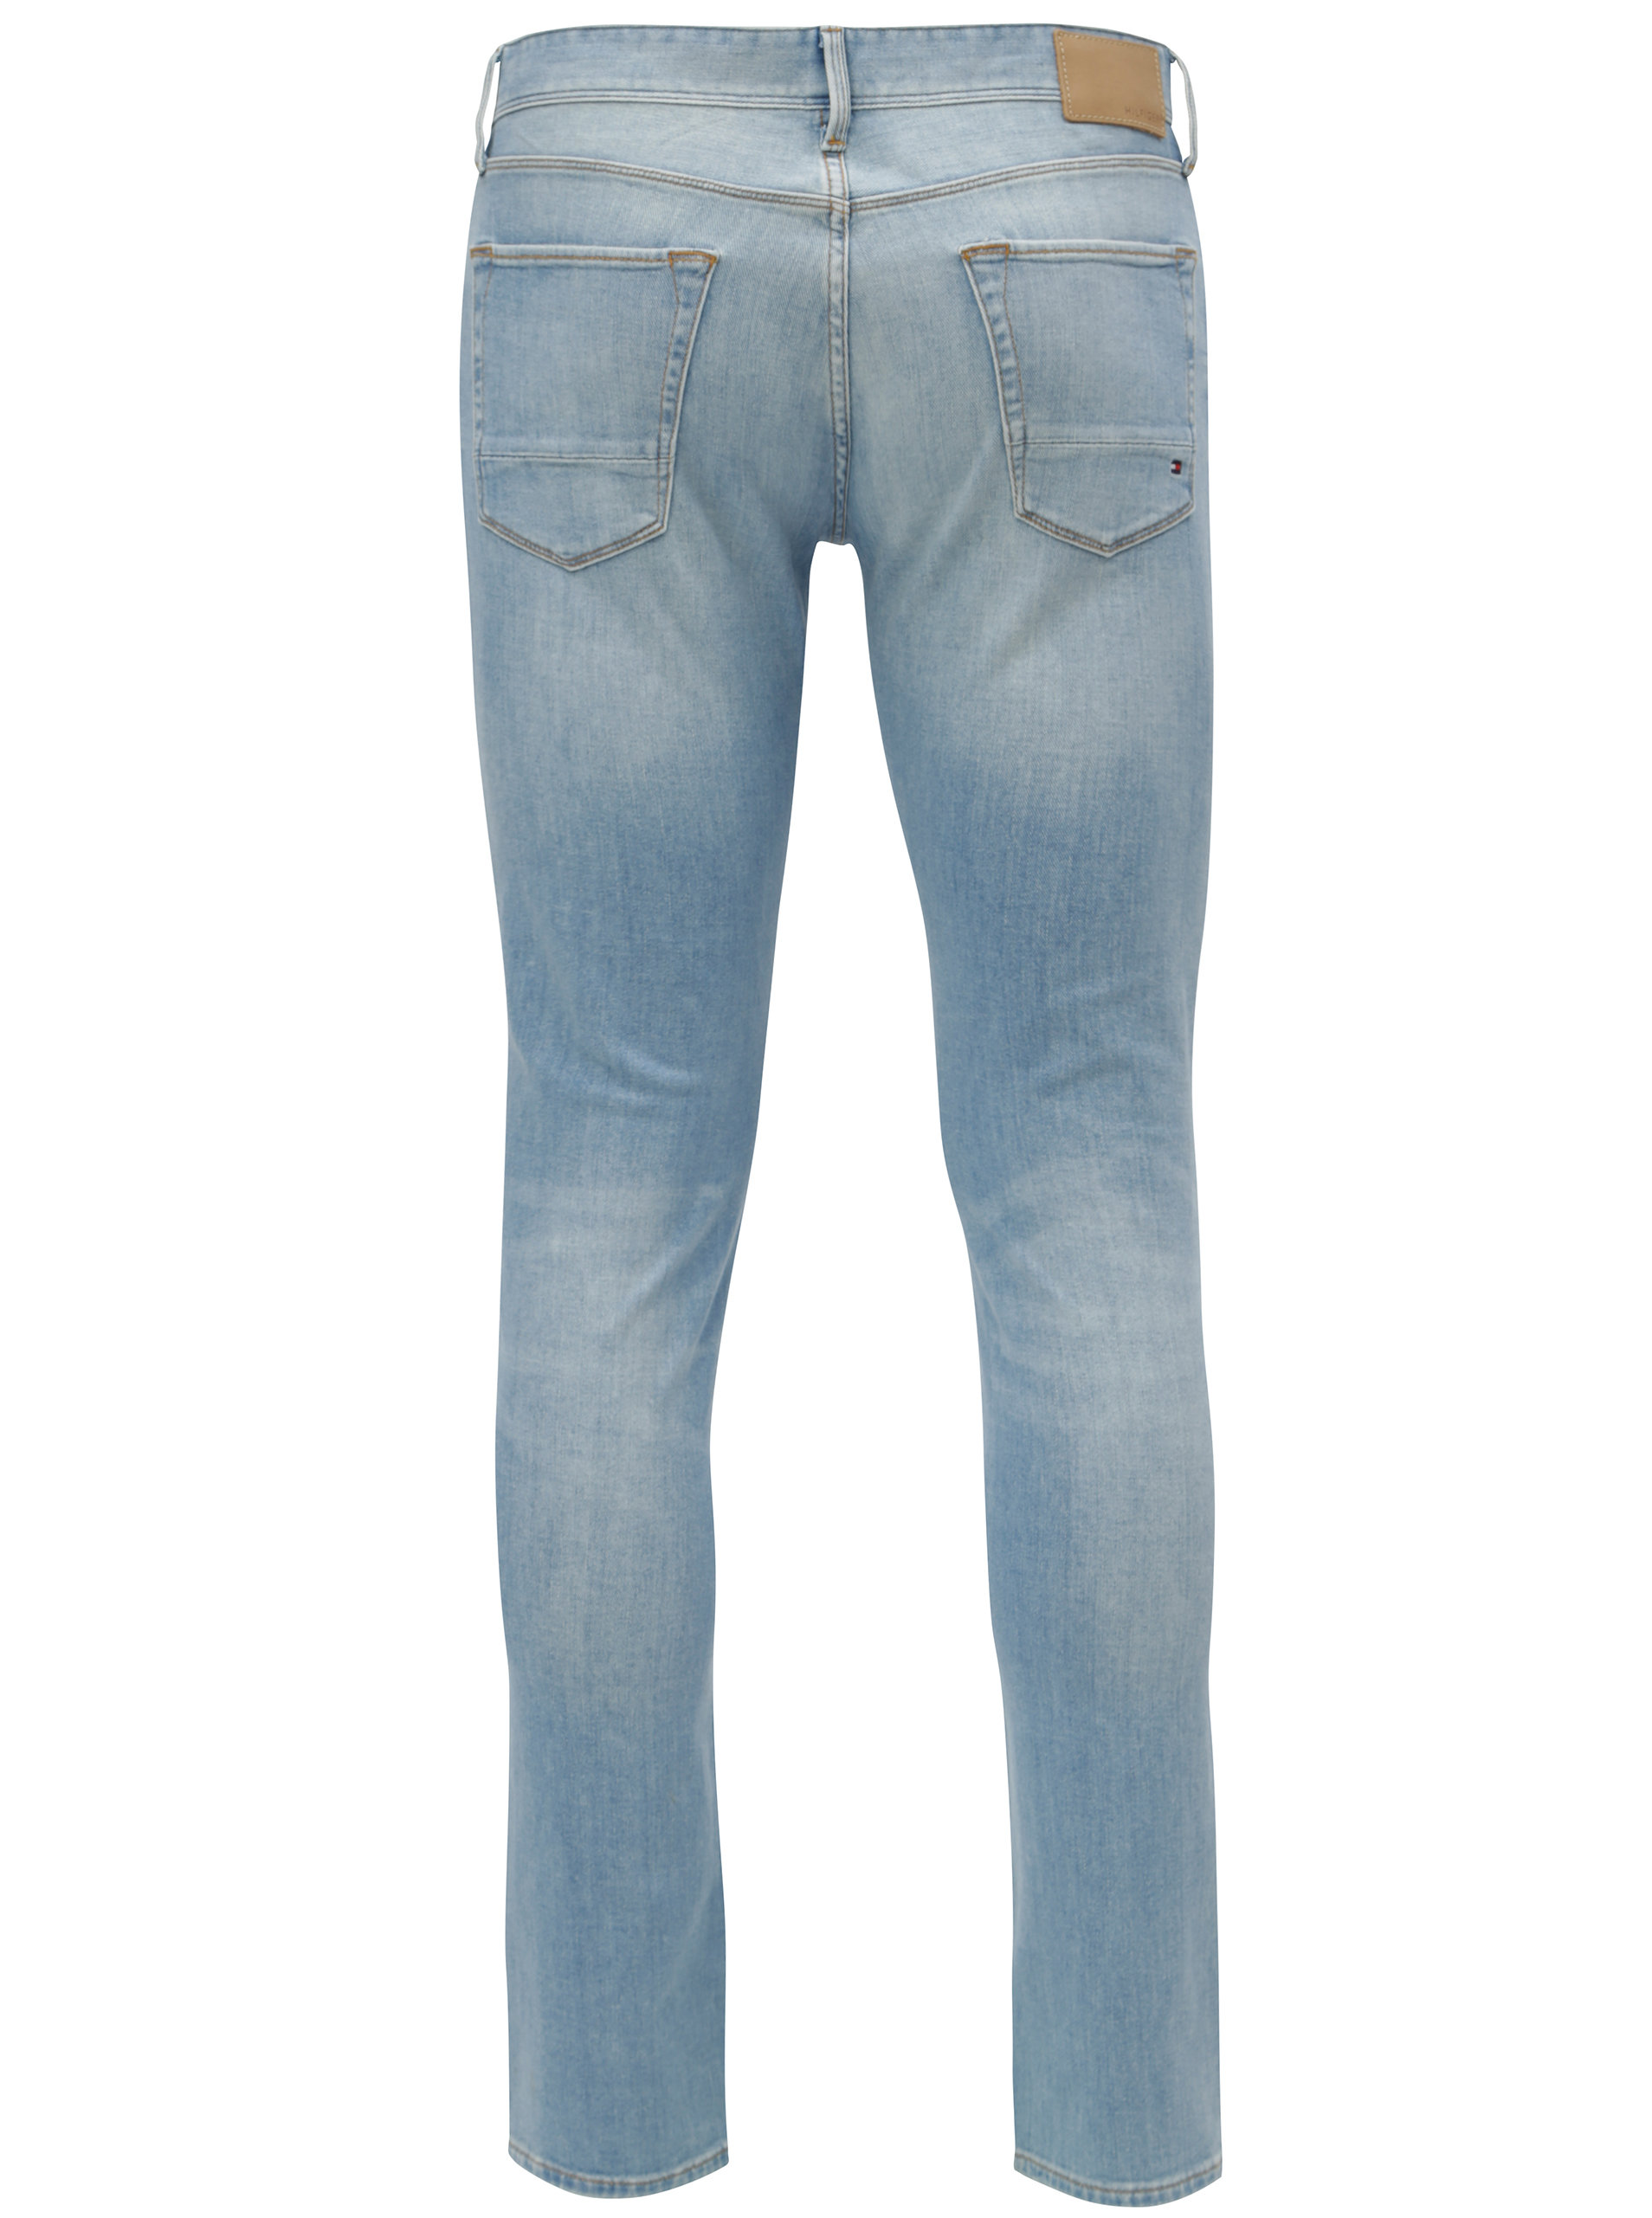 8af7d078f75 Světle modré pánské straight fit džíny Tommy Hilfiger ...